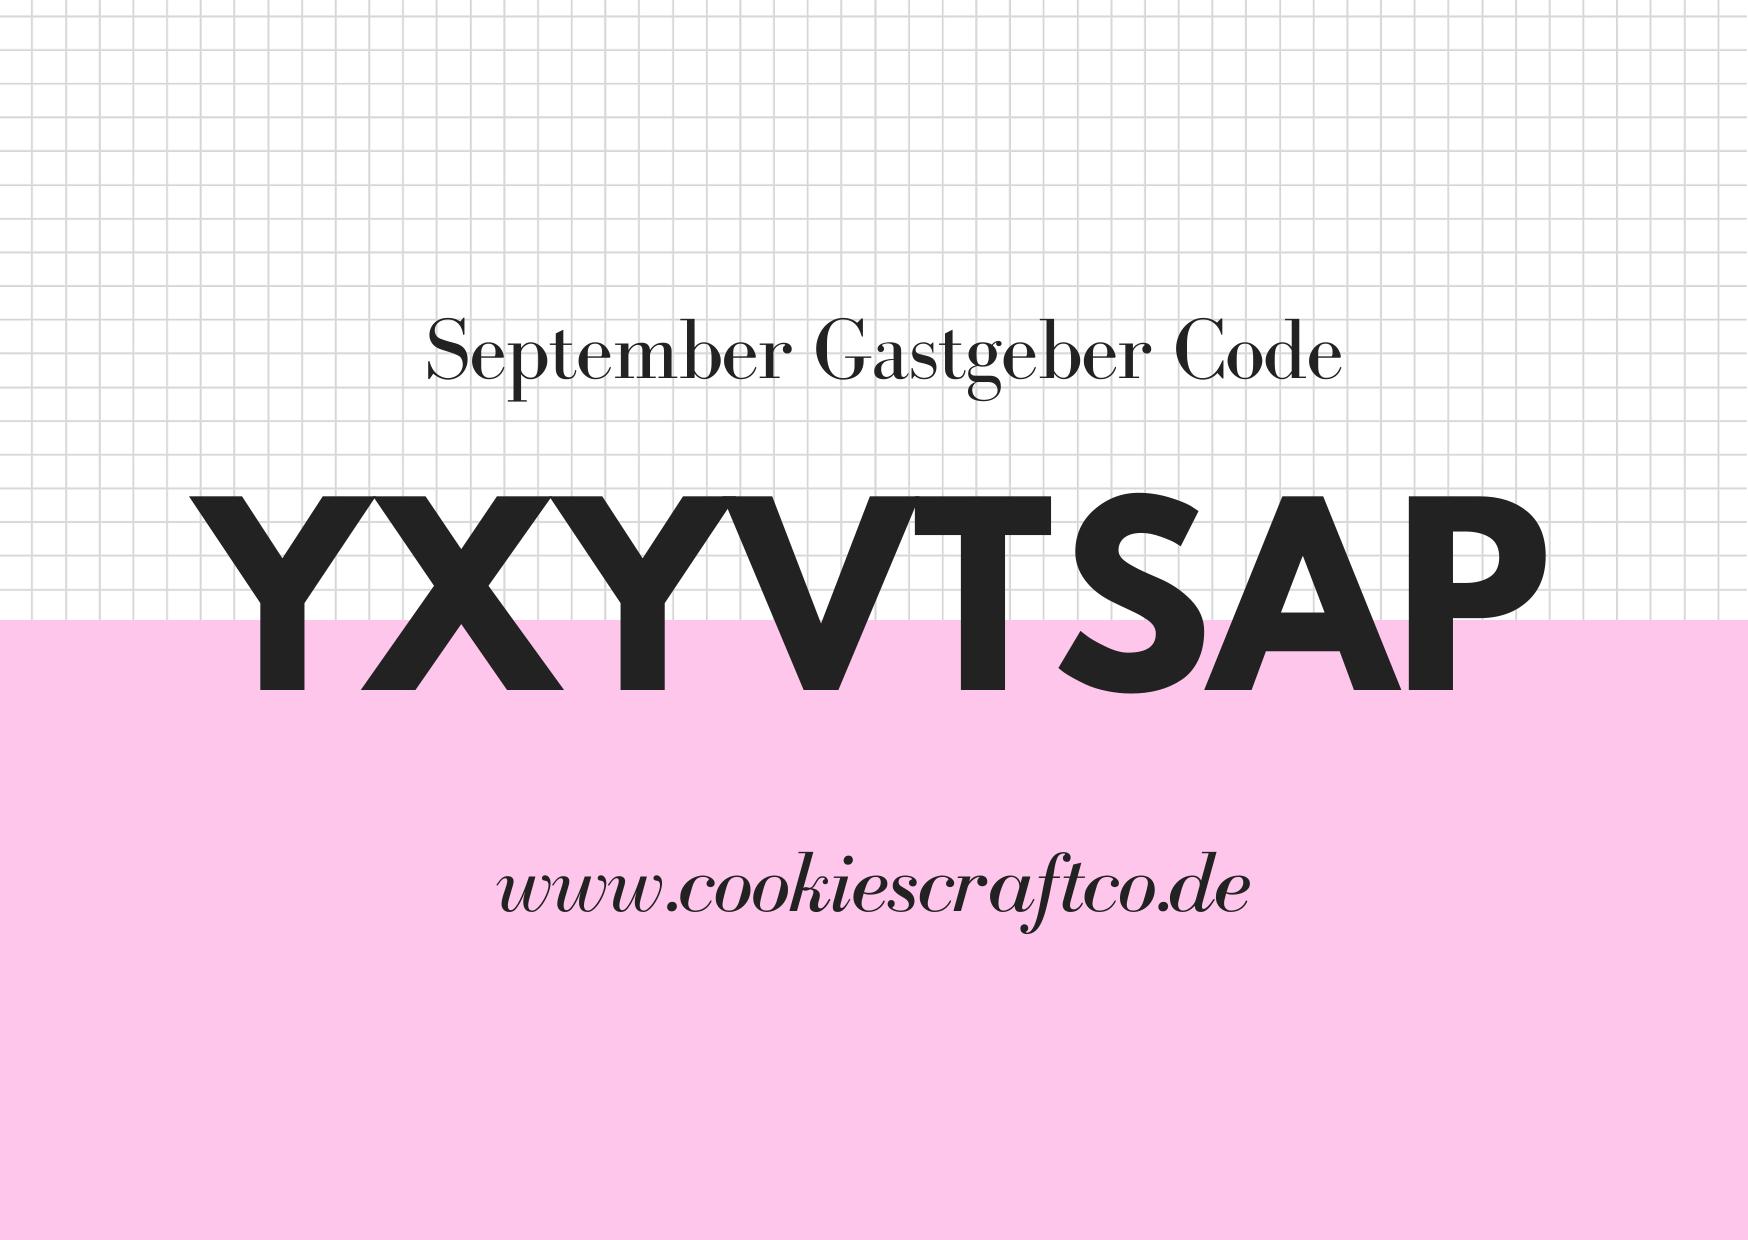 September - Gastgeberinnencode YXYVTSAP